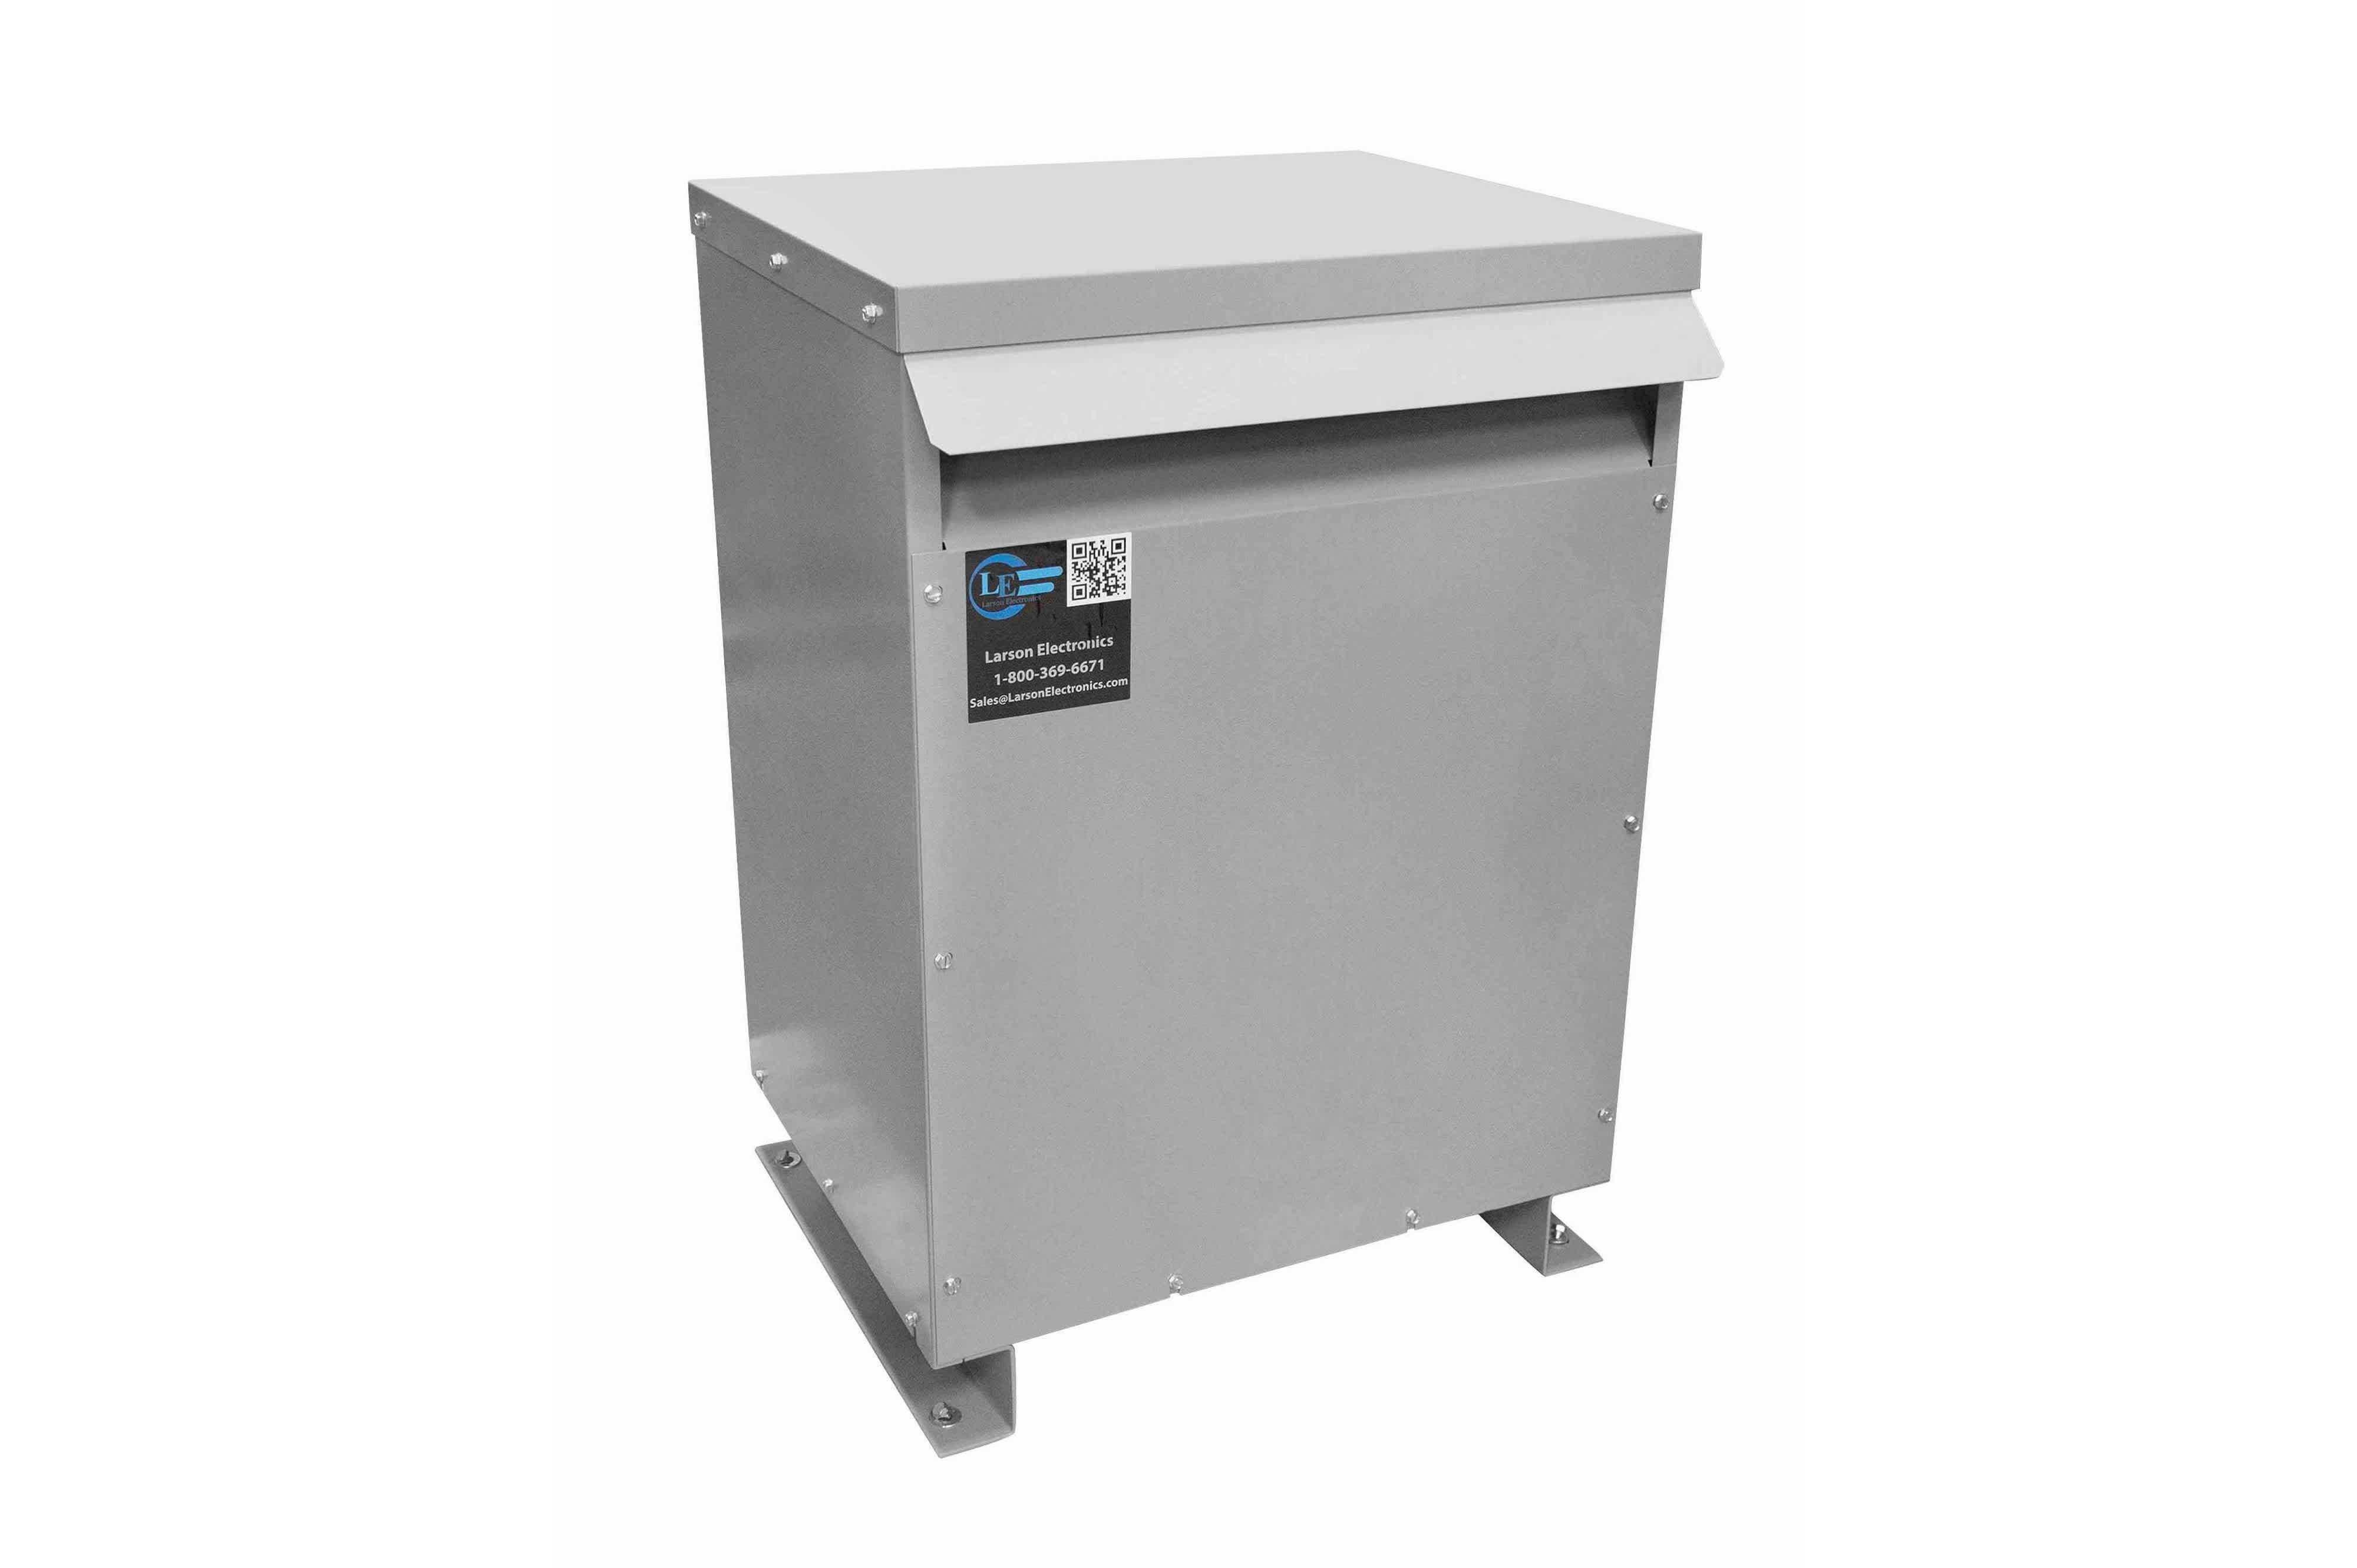 1000 kVA 3PH DOE Transformer, 575V Delta Primary, 240V/120 Delta Secondary, N3R, Ventilated, 60 Hz